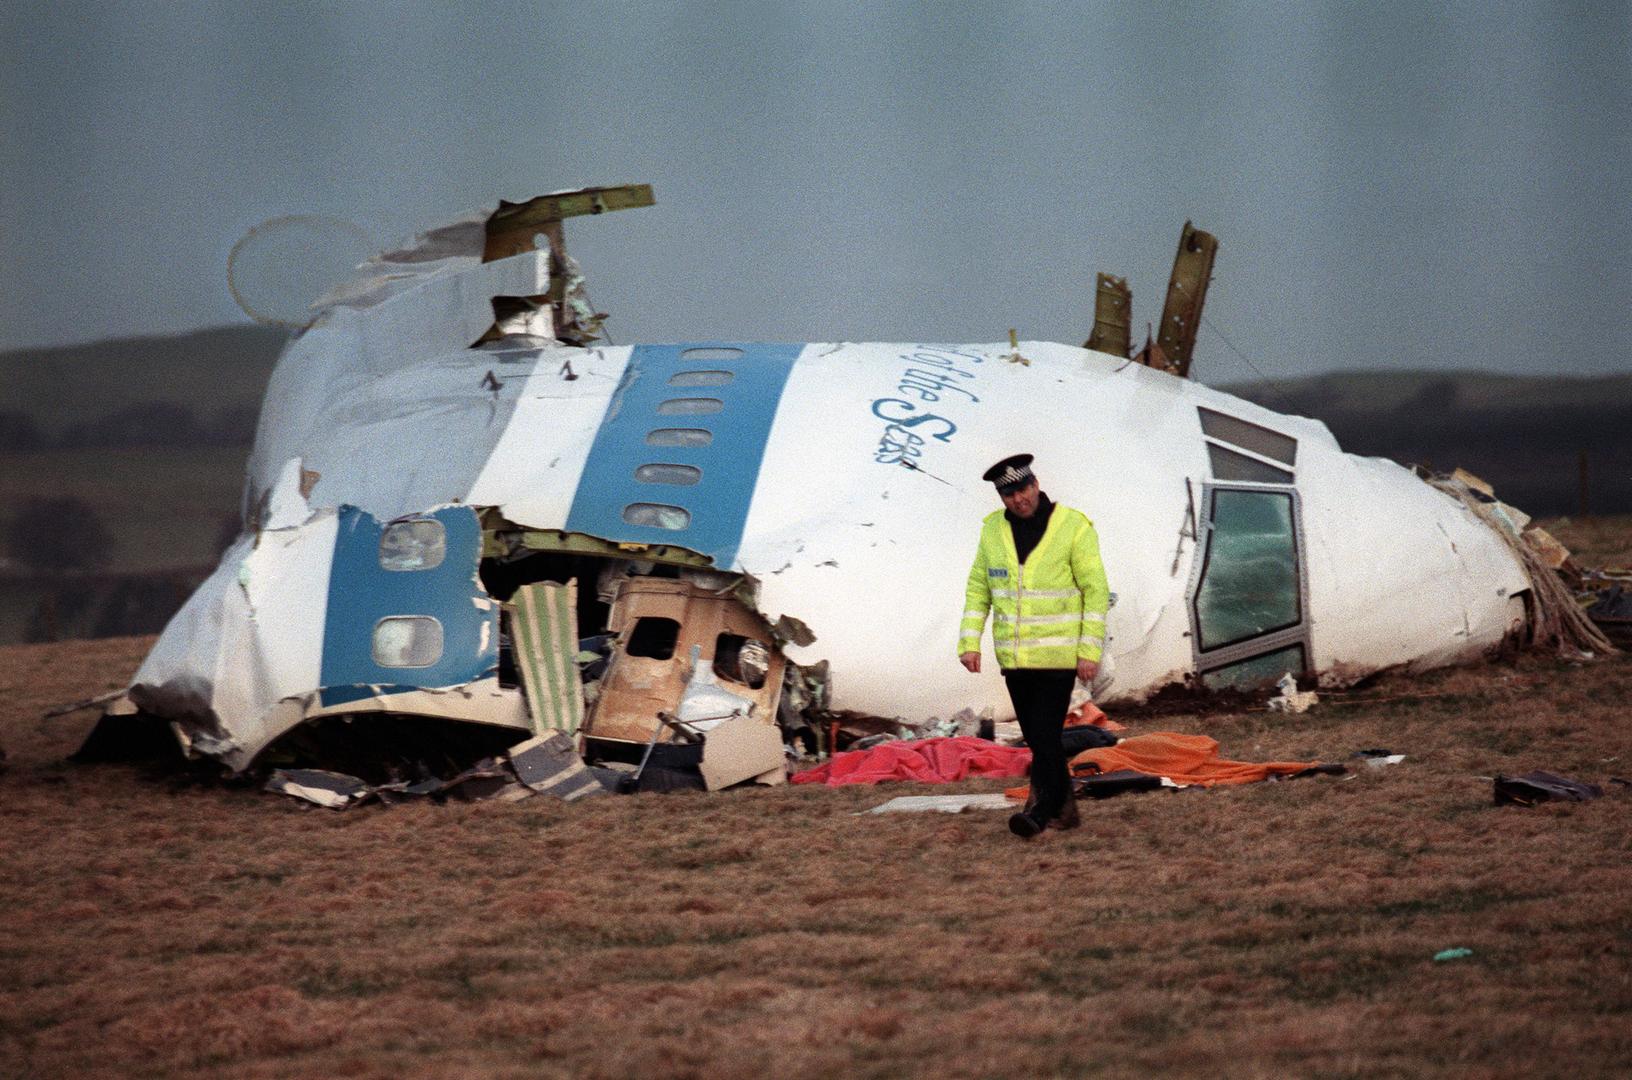 صحيفة بريطانية تتحدث عن مشتبه به جديد في تفجير طائرة لوكربي